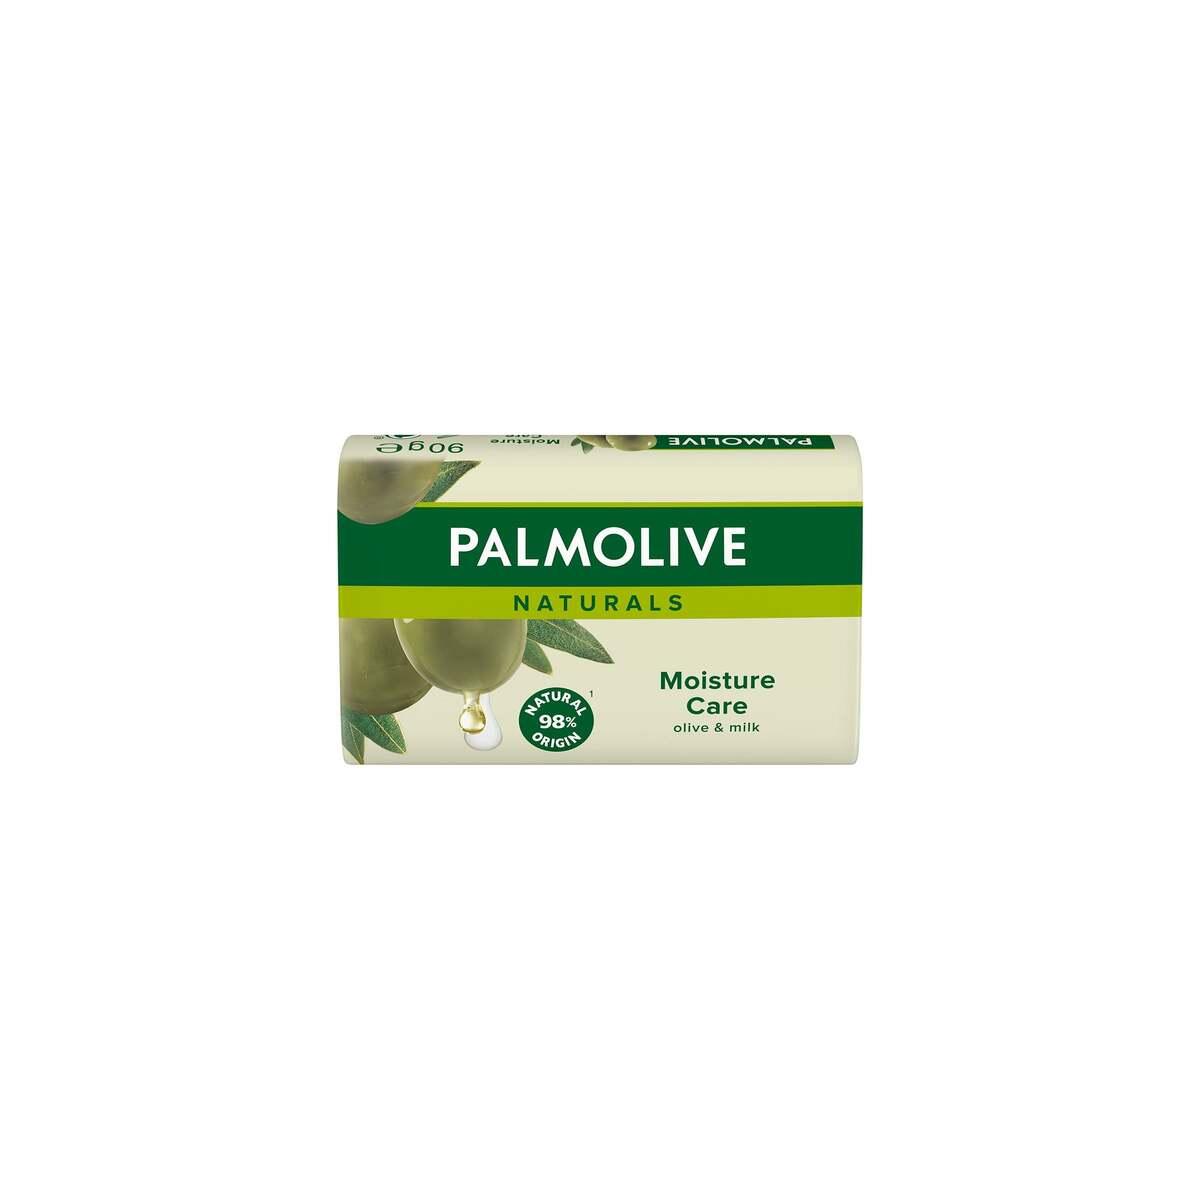 Bild 1 von Palmolive Naturals              Seife Moisture Care